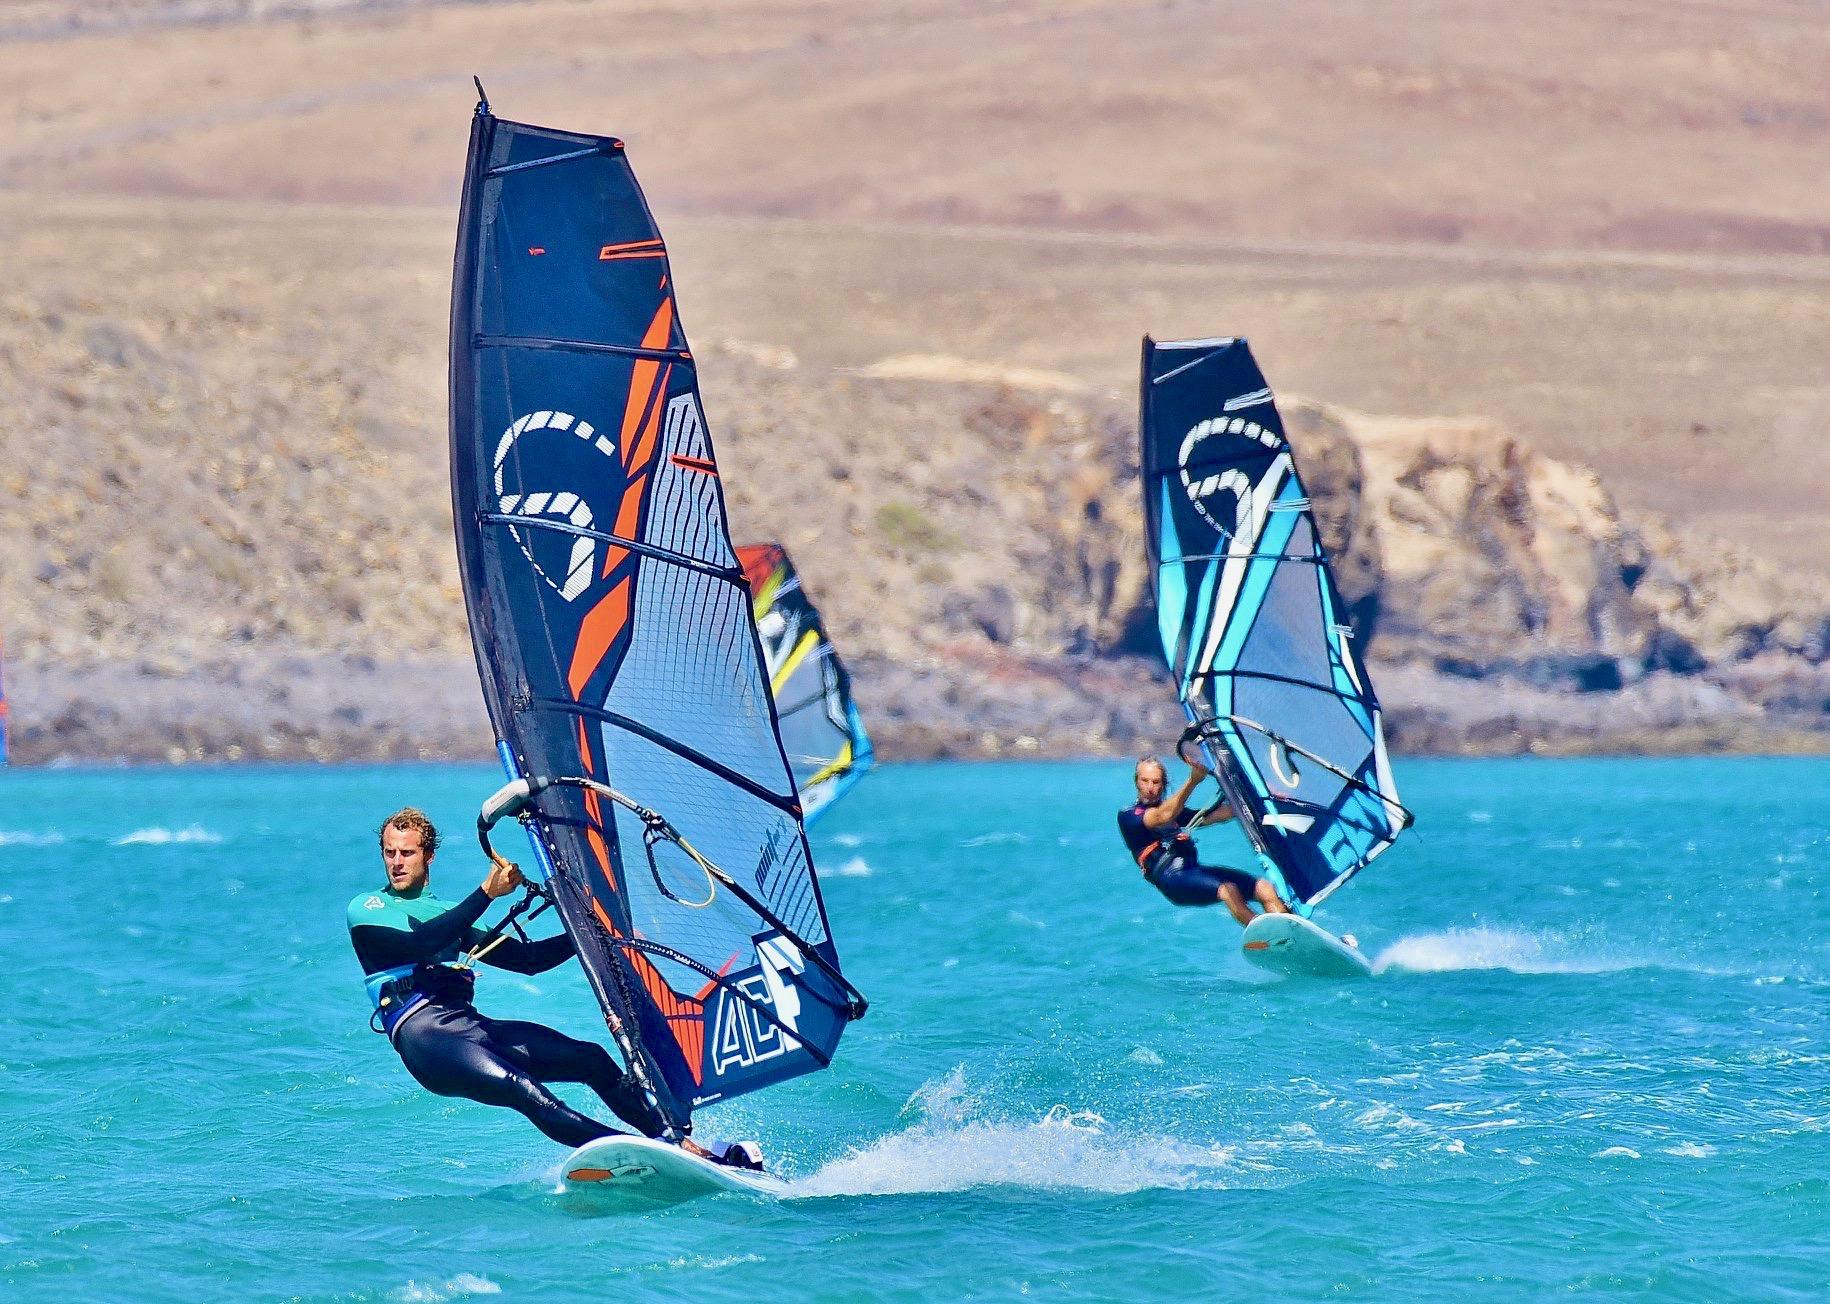 Dos windsurfistas practicando sus habilidades de windsurf en aguas turquesas